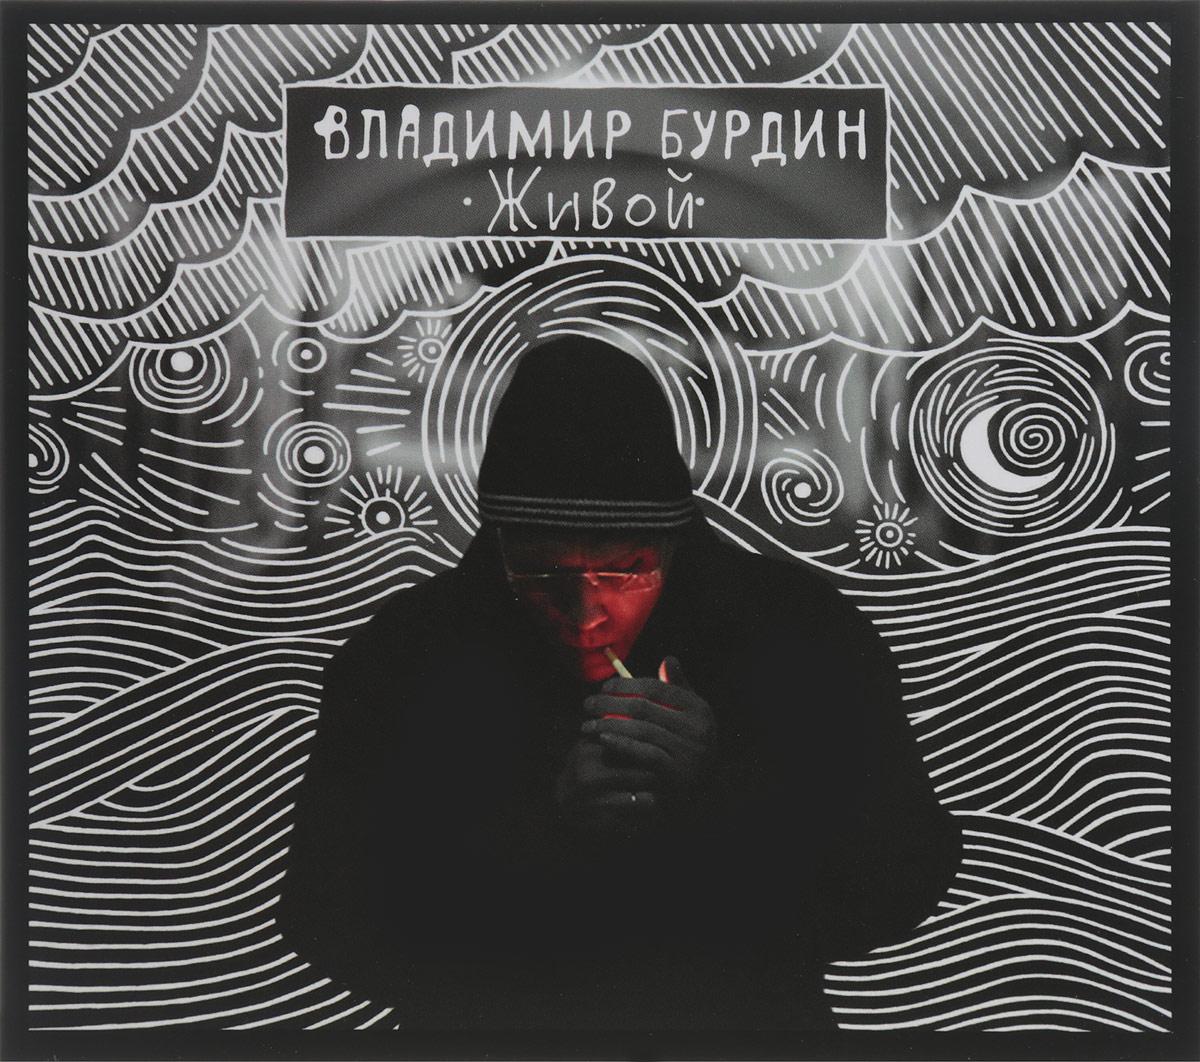 Екатеринбургский поэт и музыкант Владимир Бурдин, чьи песни исполняют группы, среди которых Пилот и Смысловые галлюцинации, представил свой новый альбом, который получил название